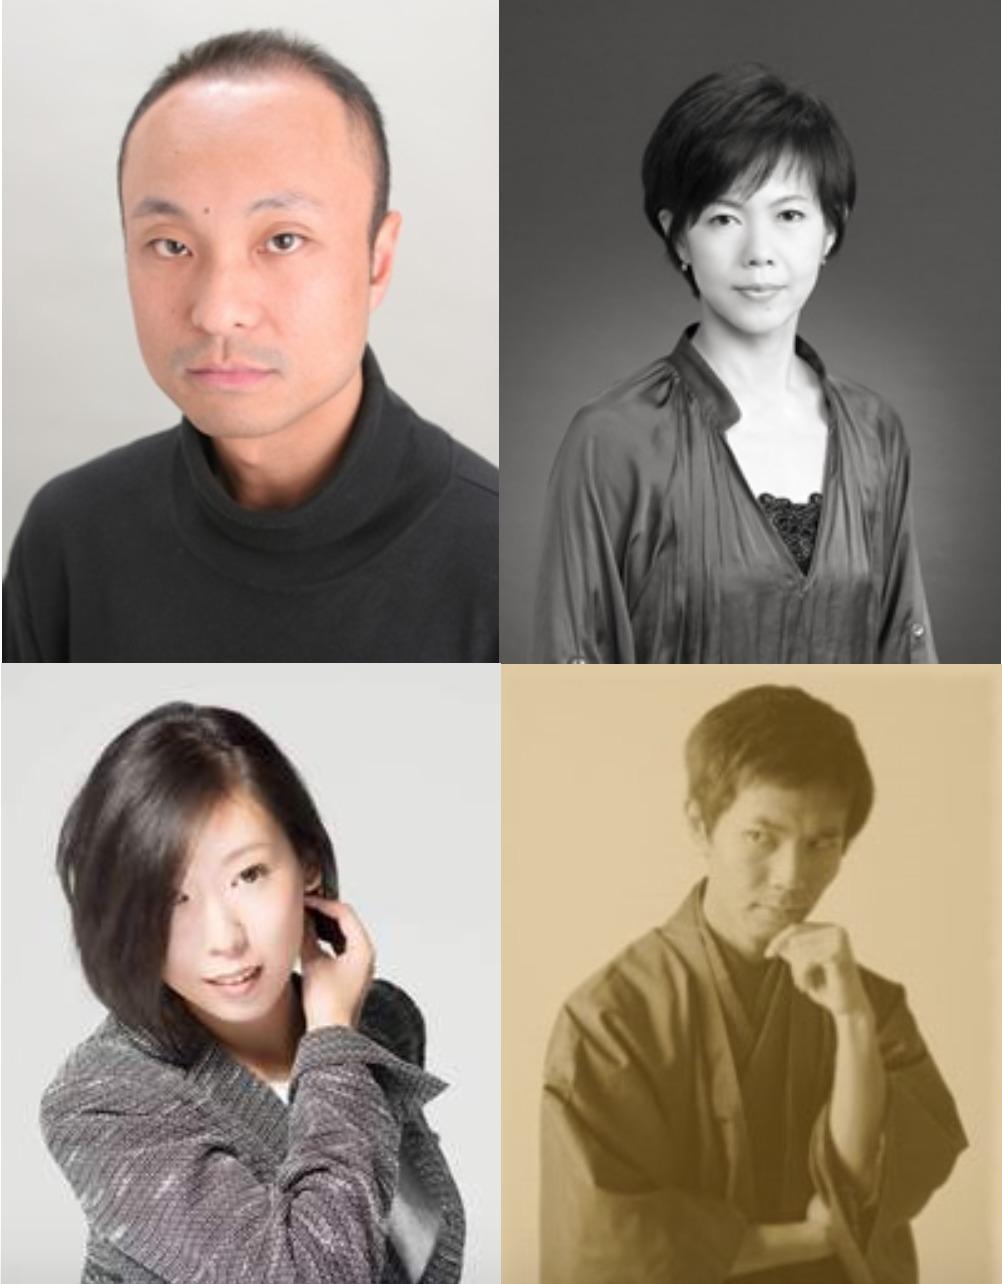 上段左から・久川徳明、鏡味富美子 下段左から・みなみ津姉、渡山博崇